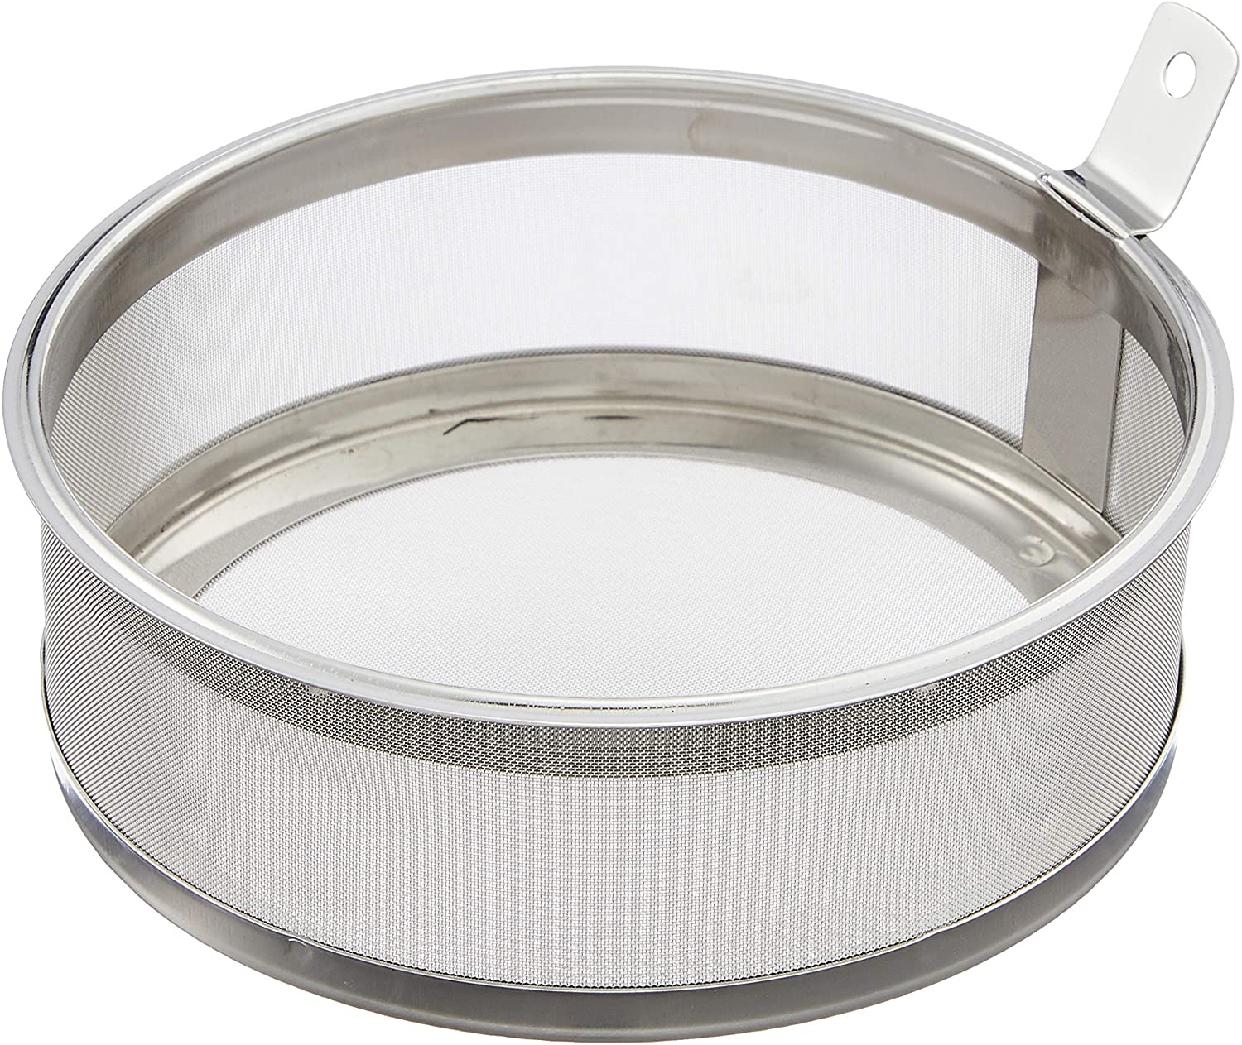 杉山金属 薄型キューブケトル 1.6L KS-2625の商品画像3